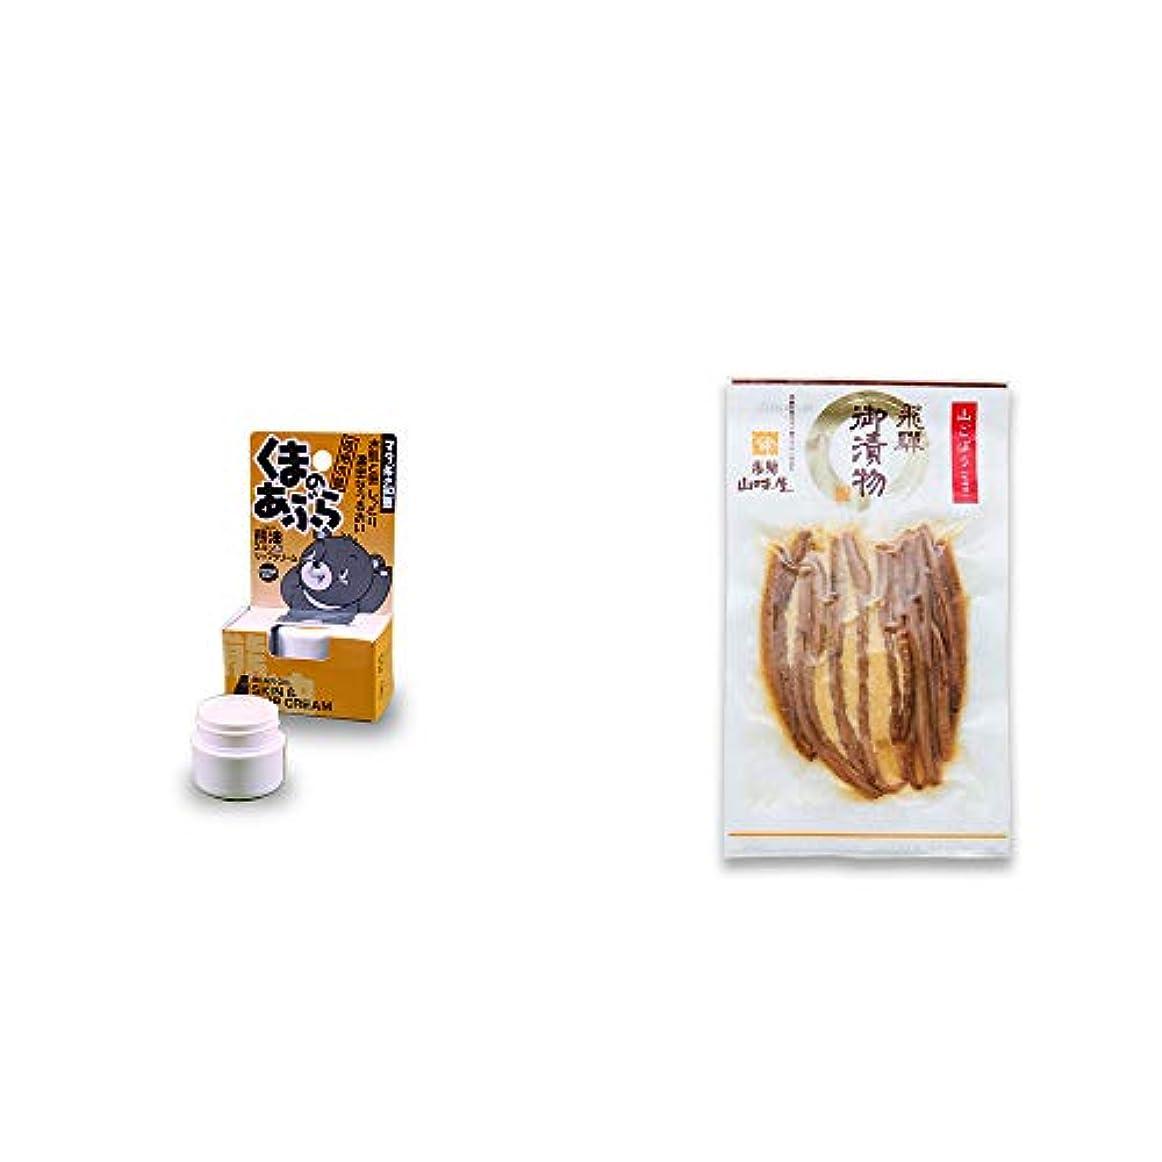 肘黒人エピソード[2点セット] 信州木曽 くまのあぶら 熊油スキン&リップクリーム(9g)?飛騨山味屋 山ごぼう味噌漬(80g)